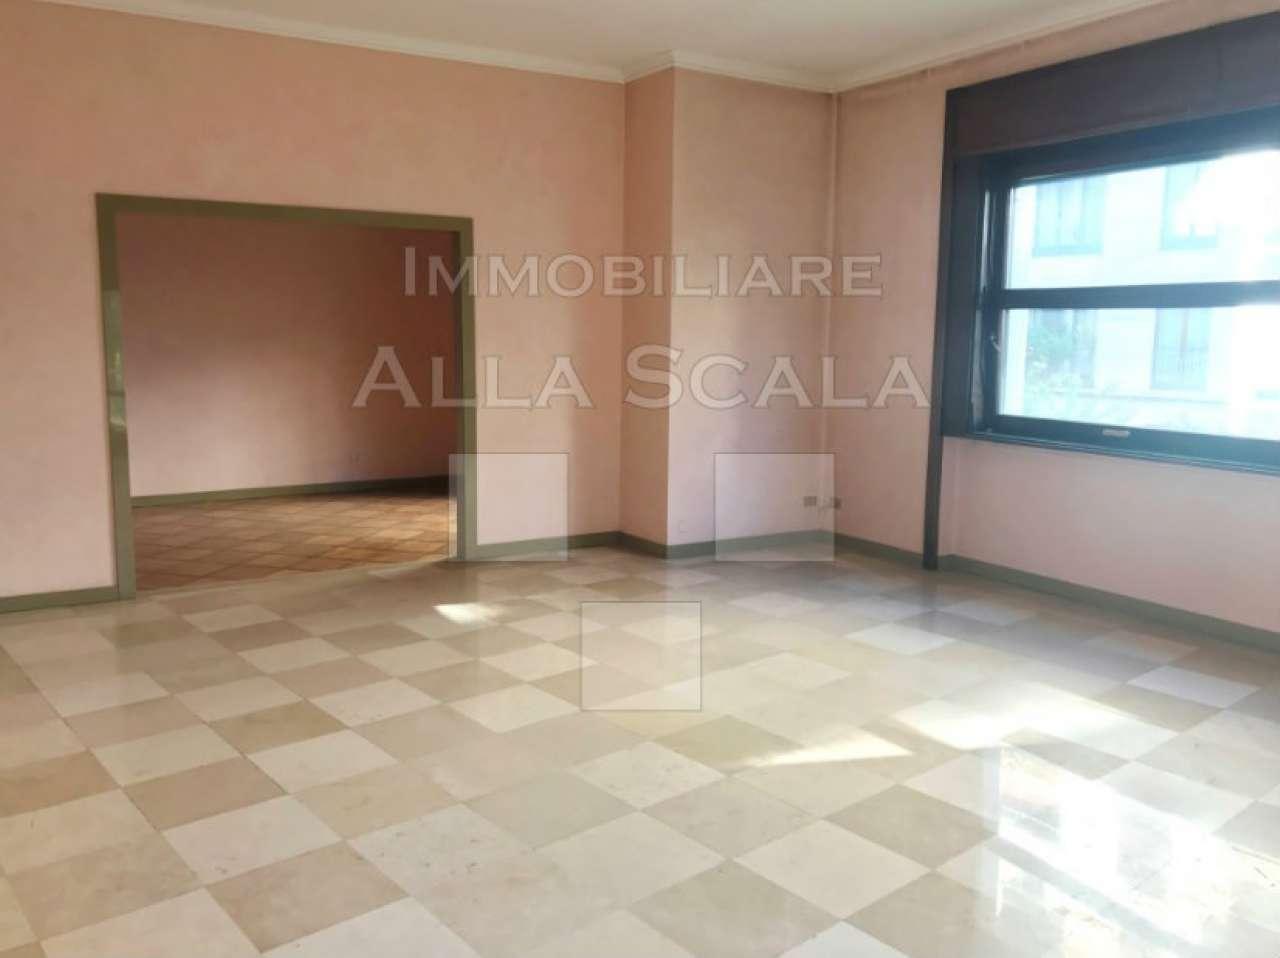 Appartamento in Vendita a Milano: 5 locali, 170 mq - Foto 2